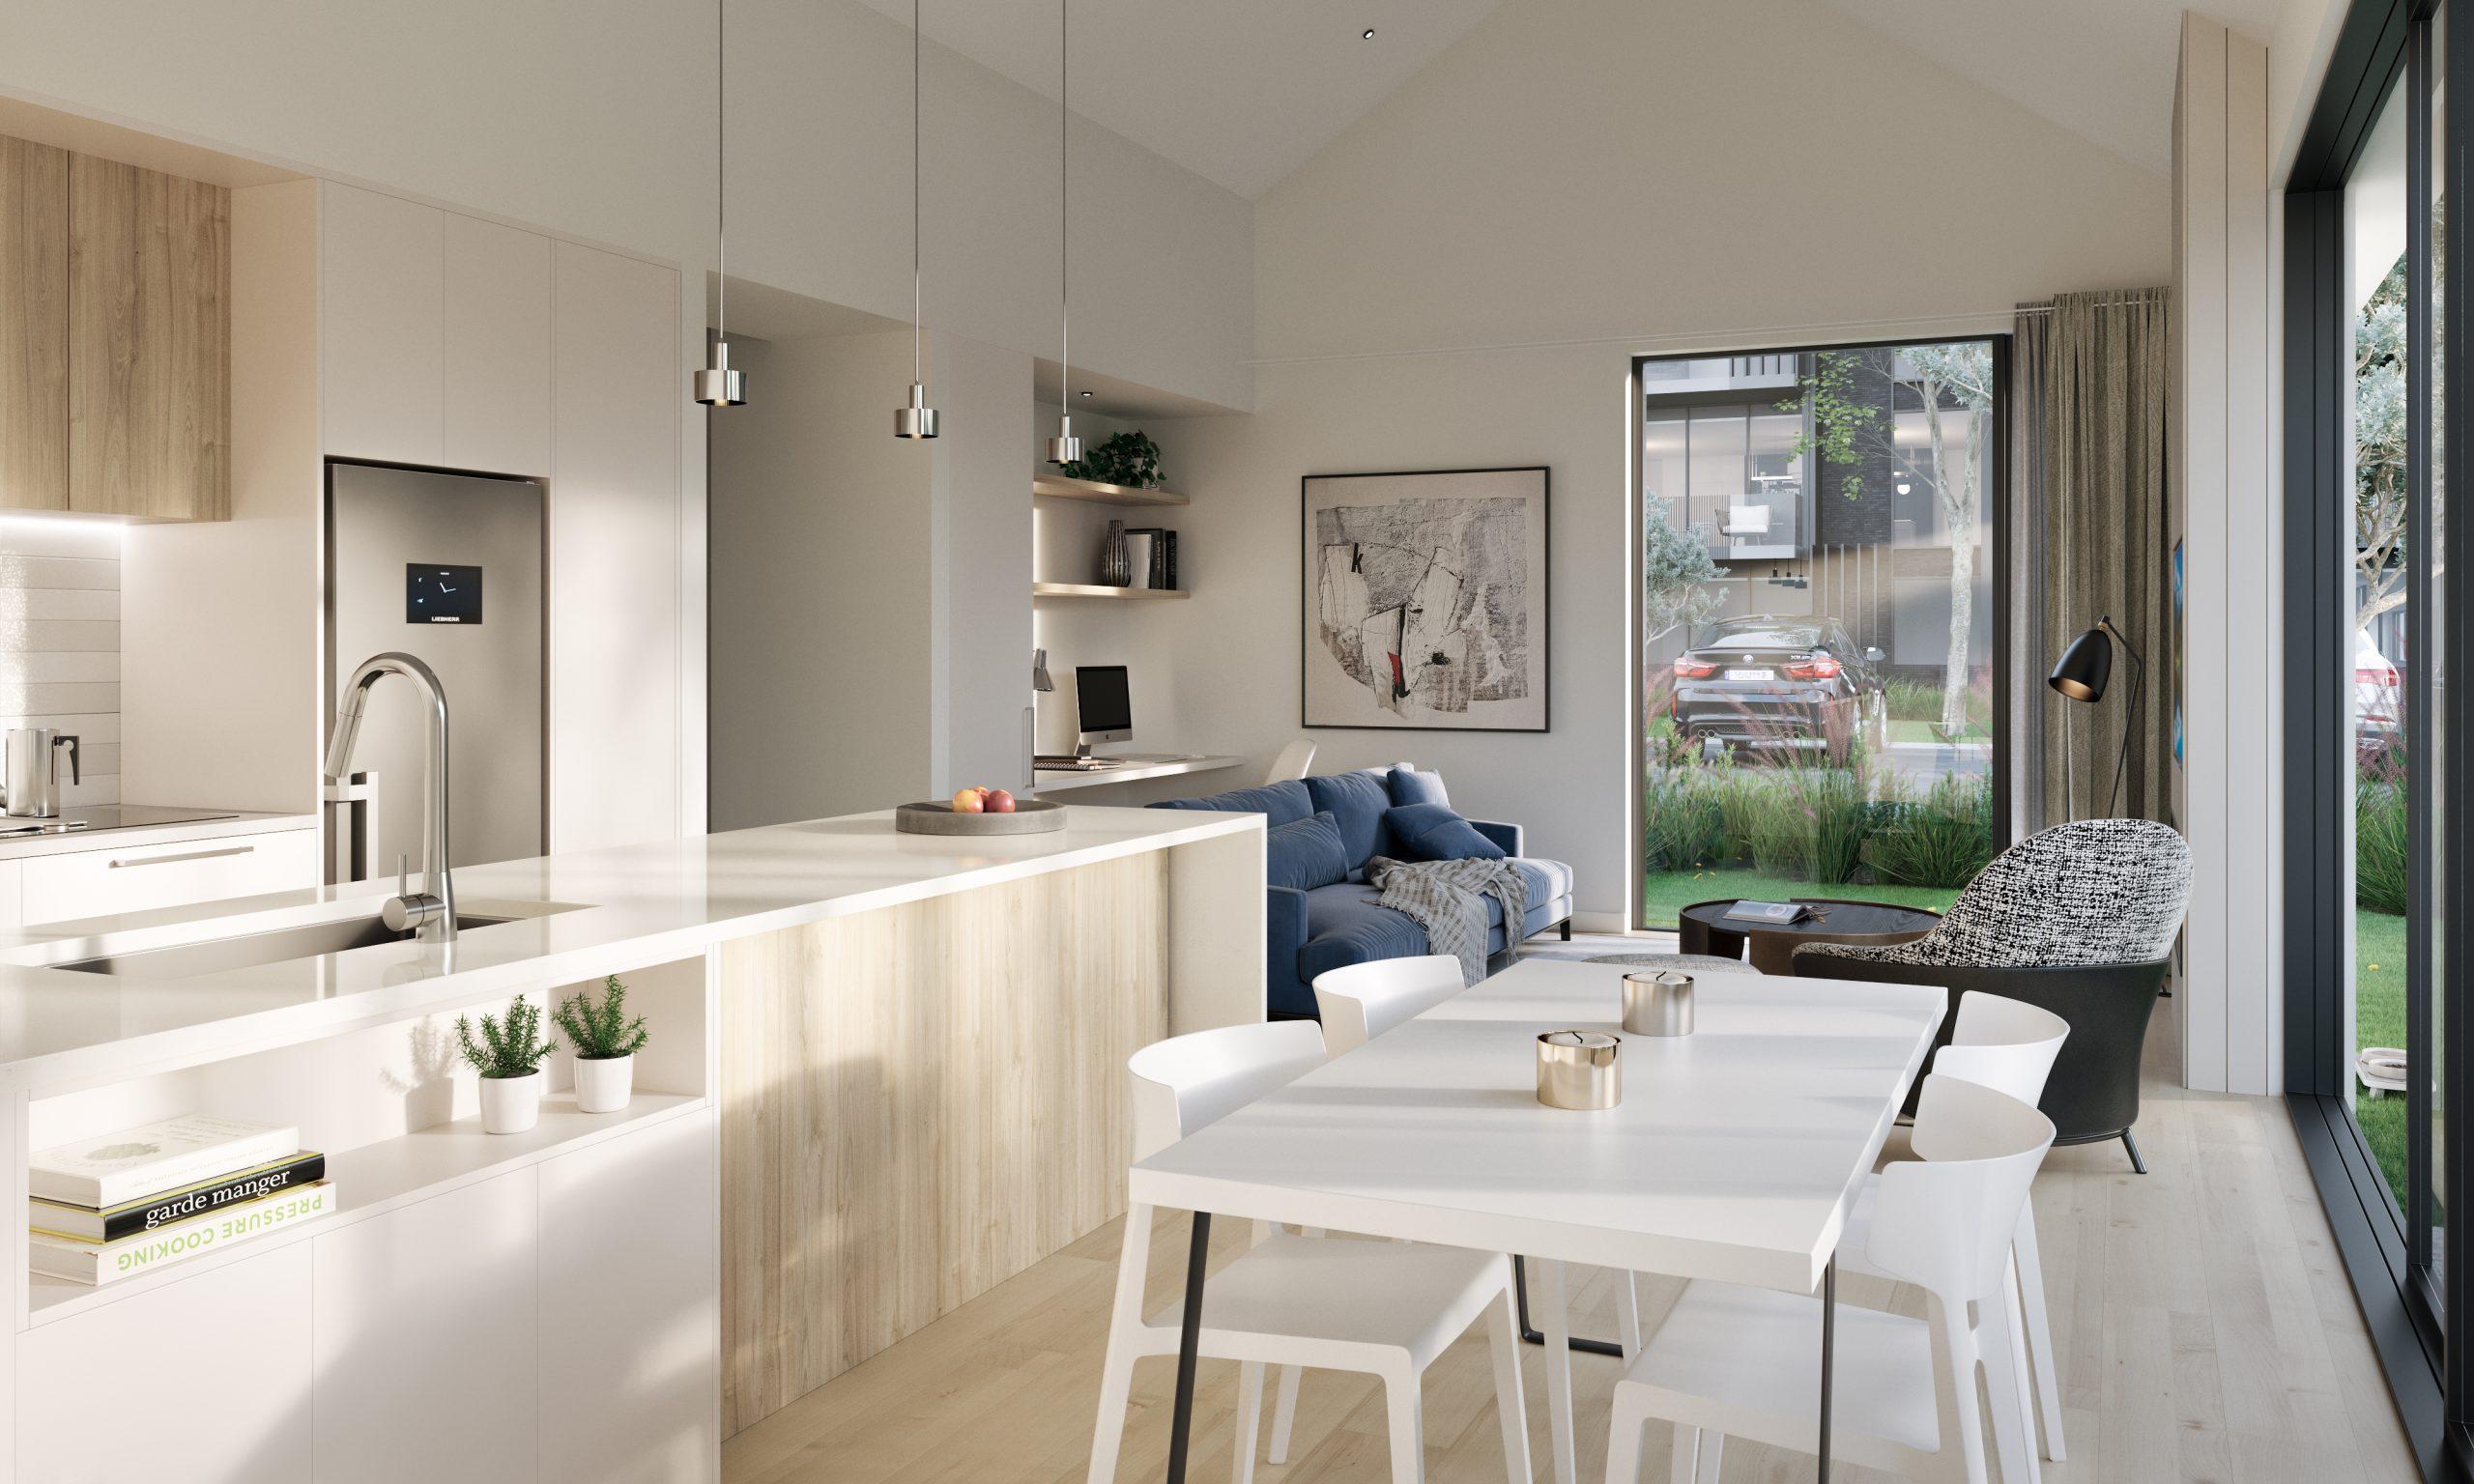 retirement villa with kitchen